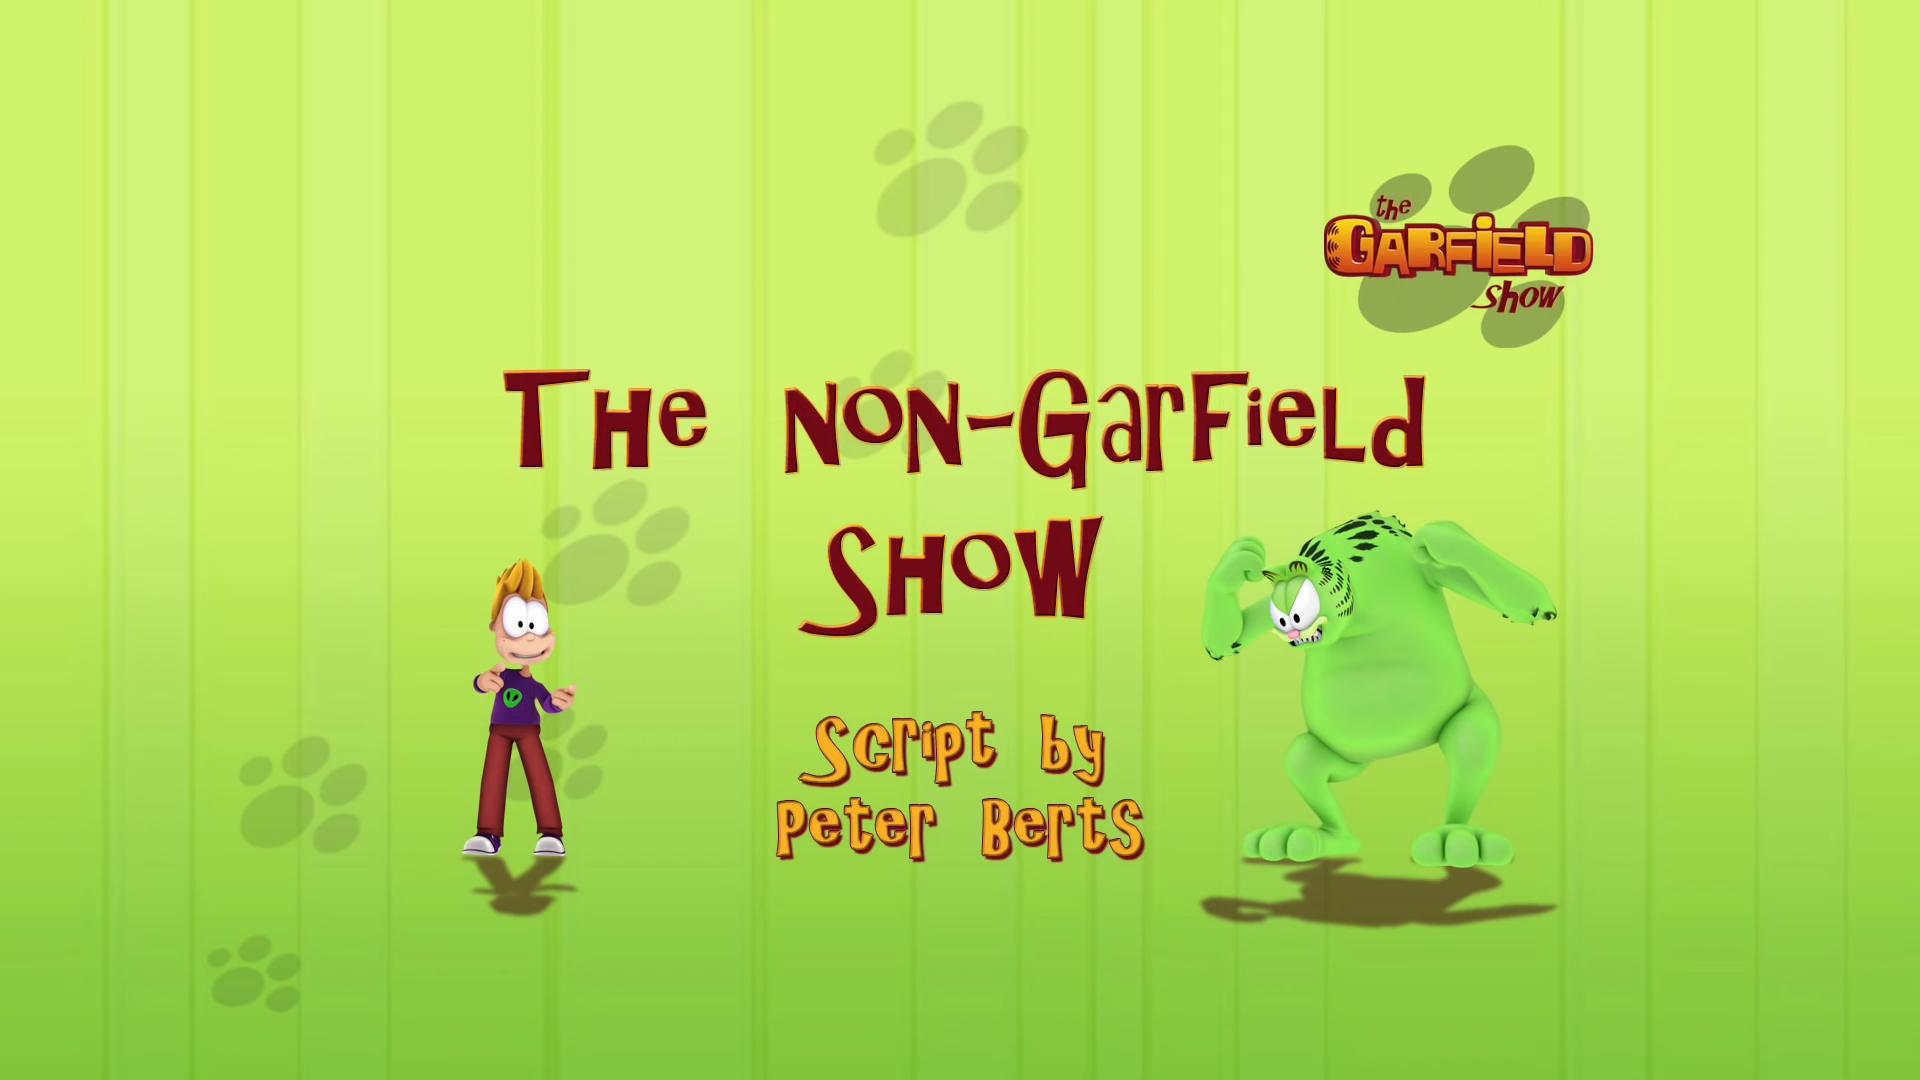 The Non-Garfield Show